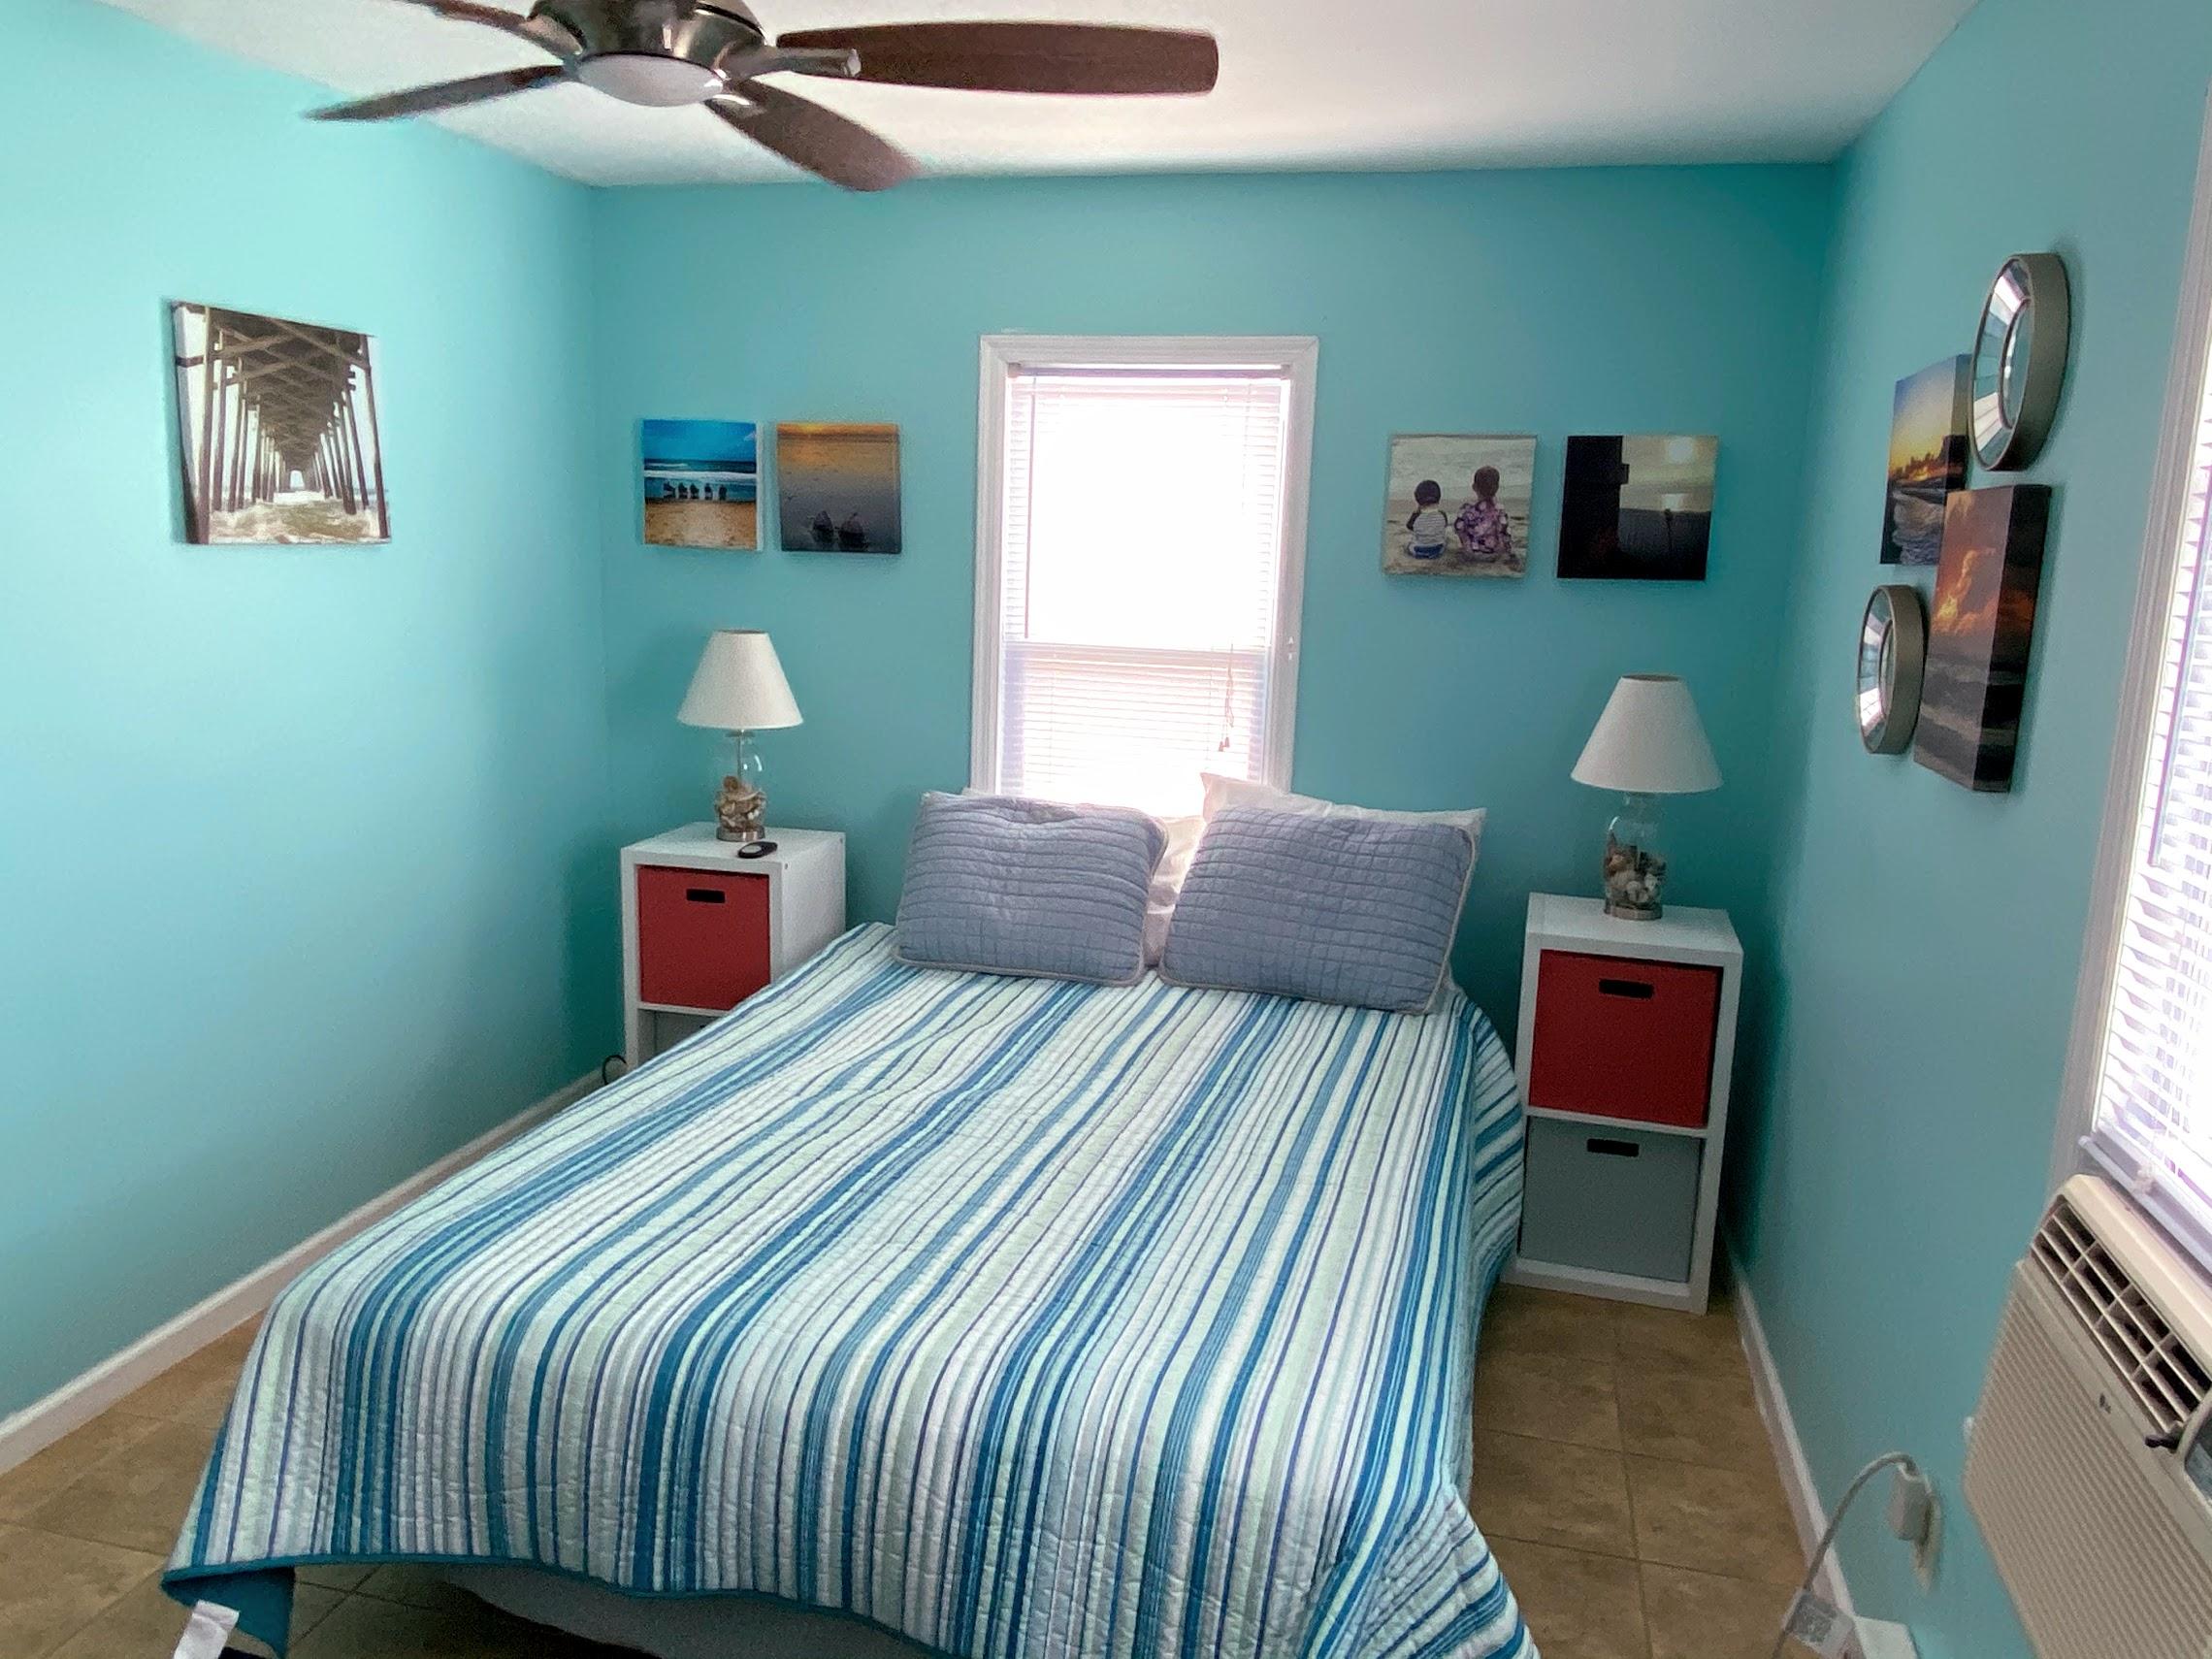 BR 2 - queen bed, ceiling fan, window AC